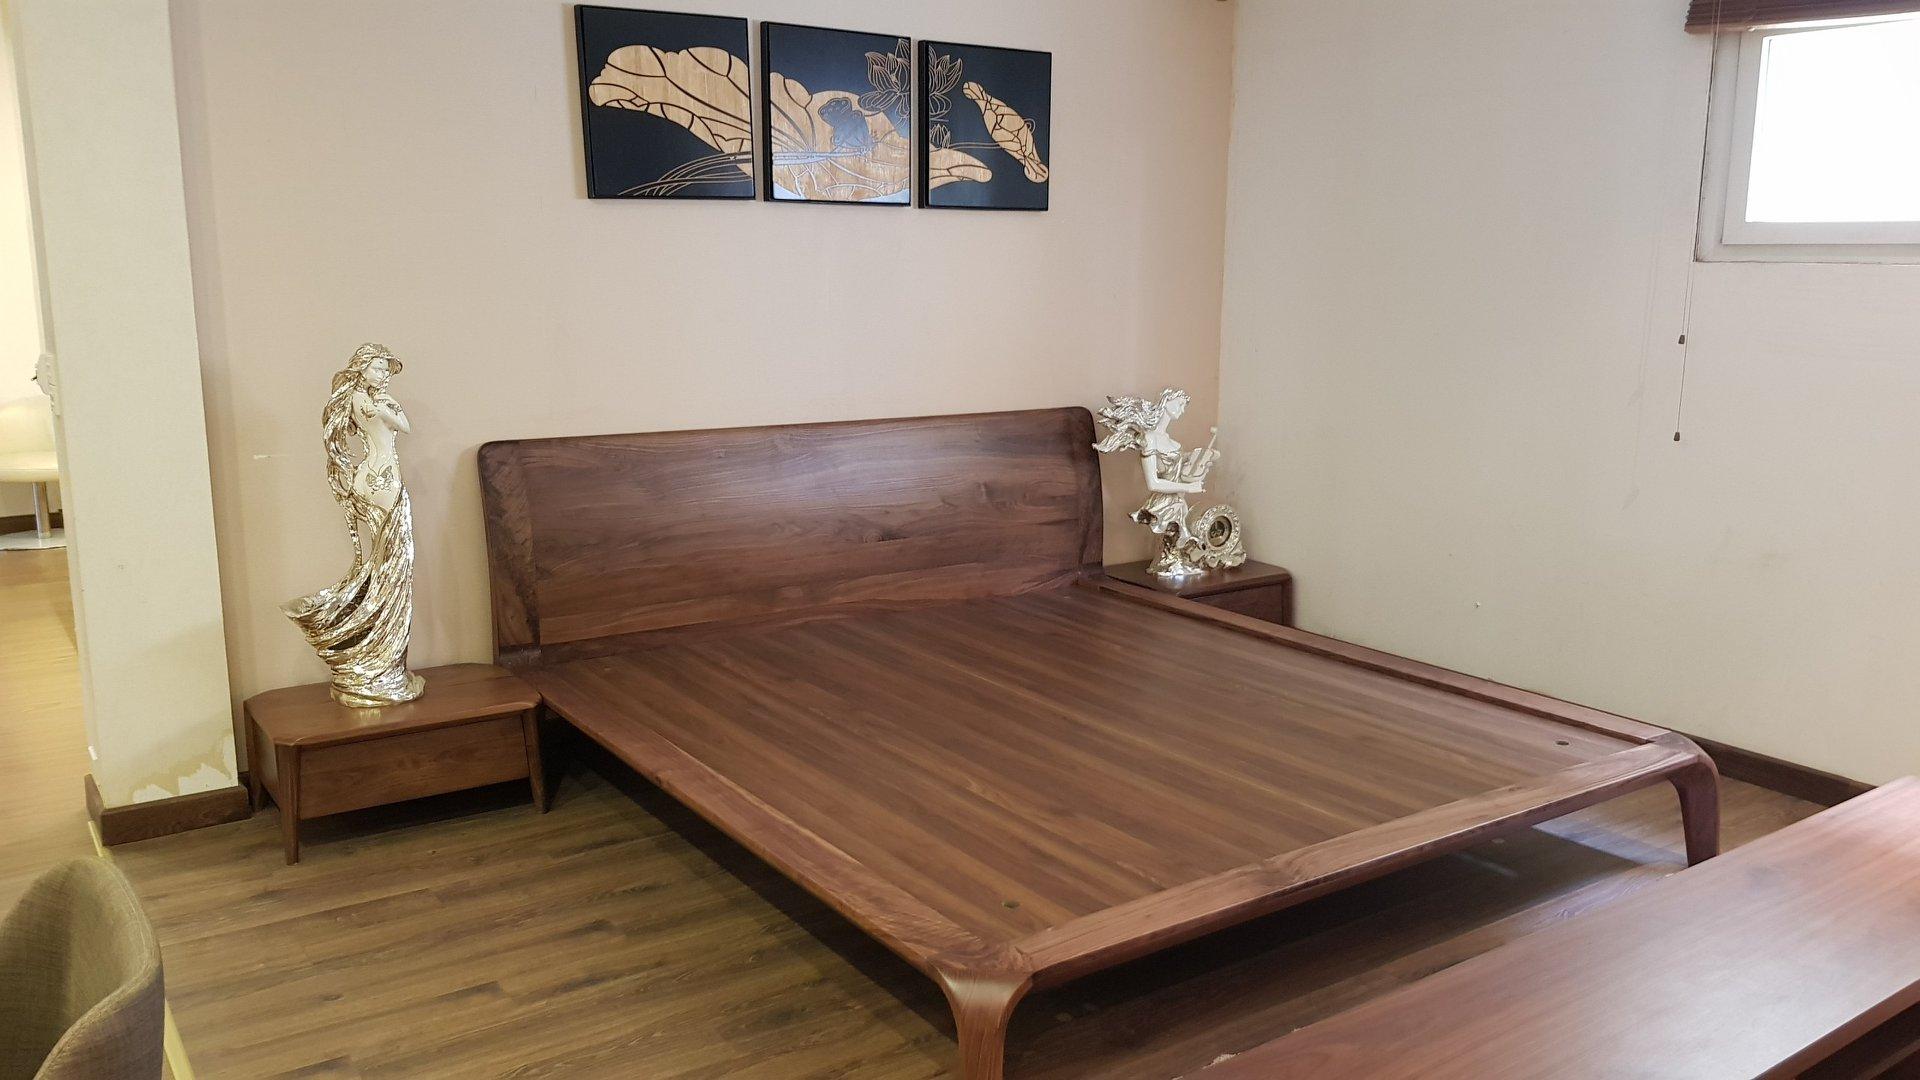 mẫu giường ngủ kiểu nhật hiện đại